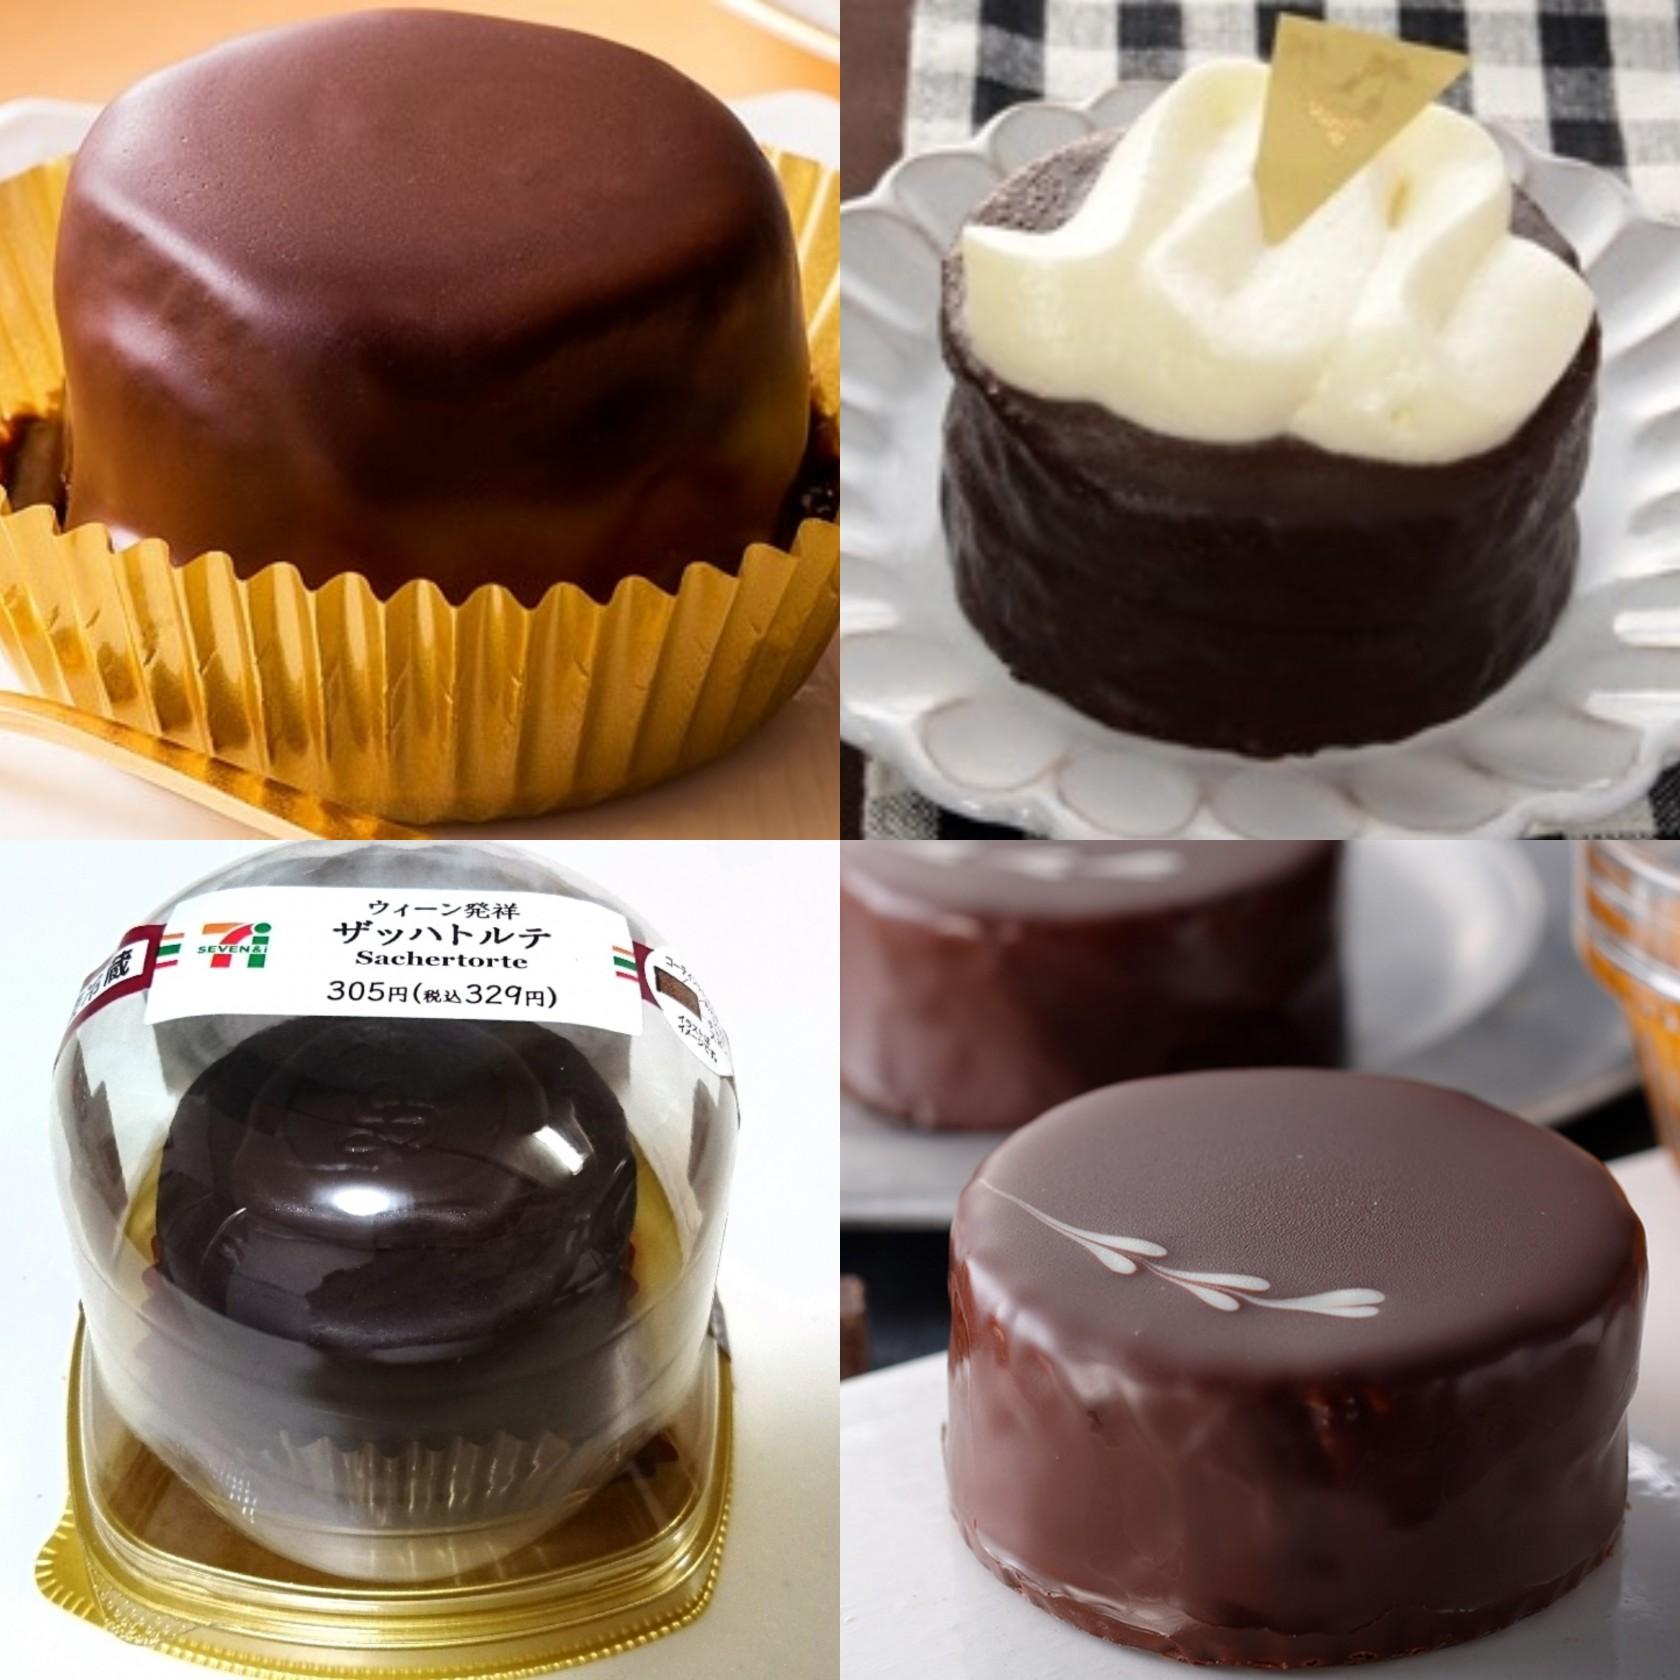 濃厚チョコの本格「ザッハトルテ」4商品をピックアップ!